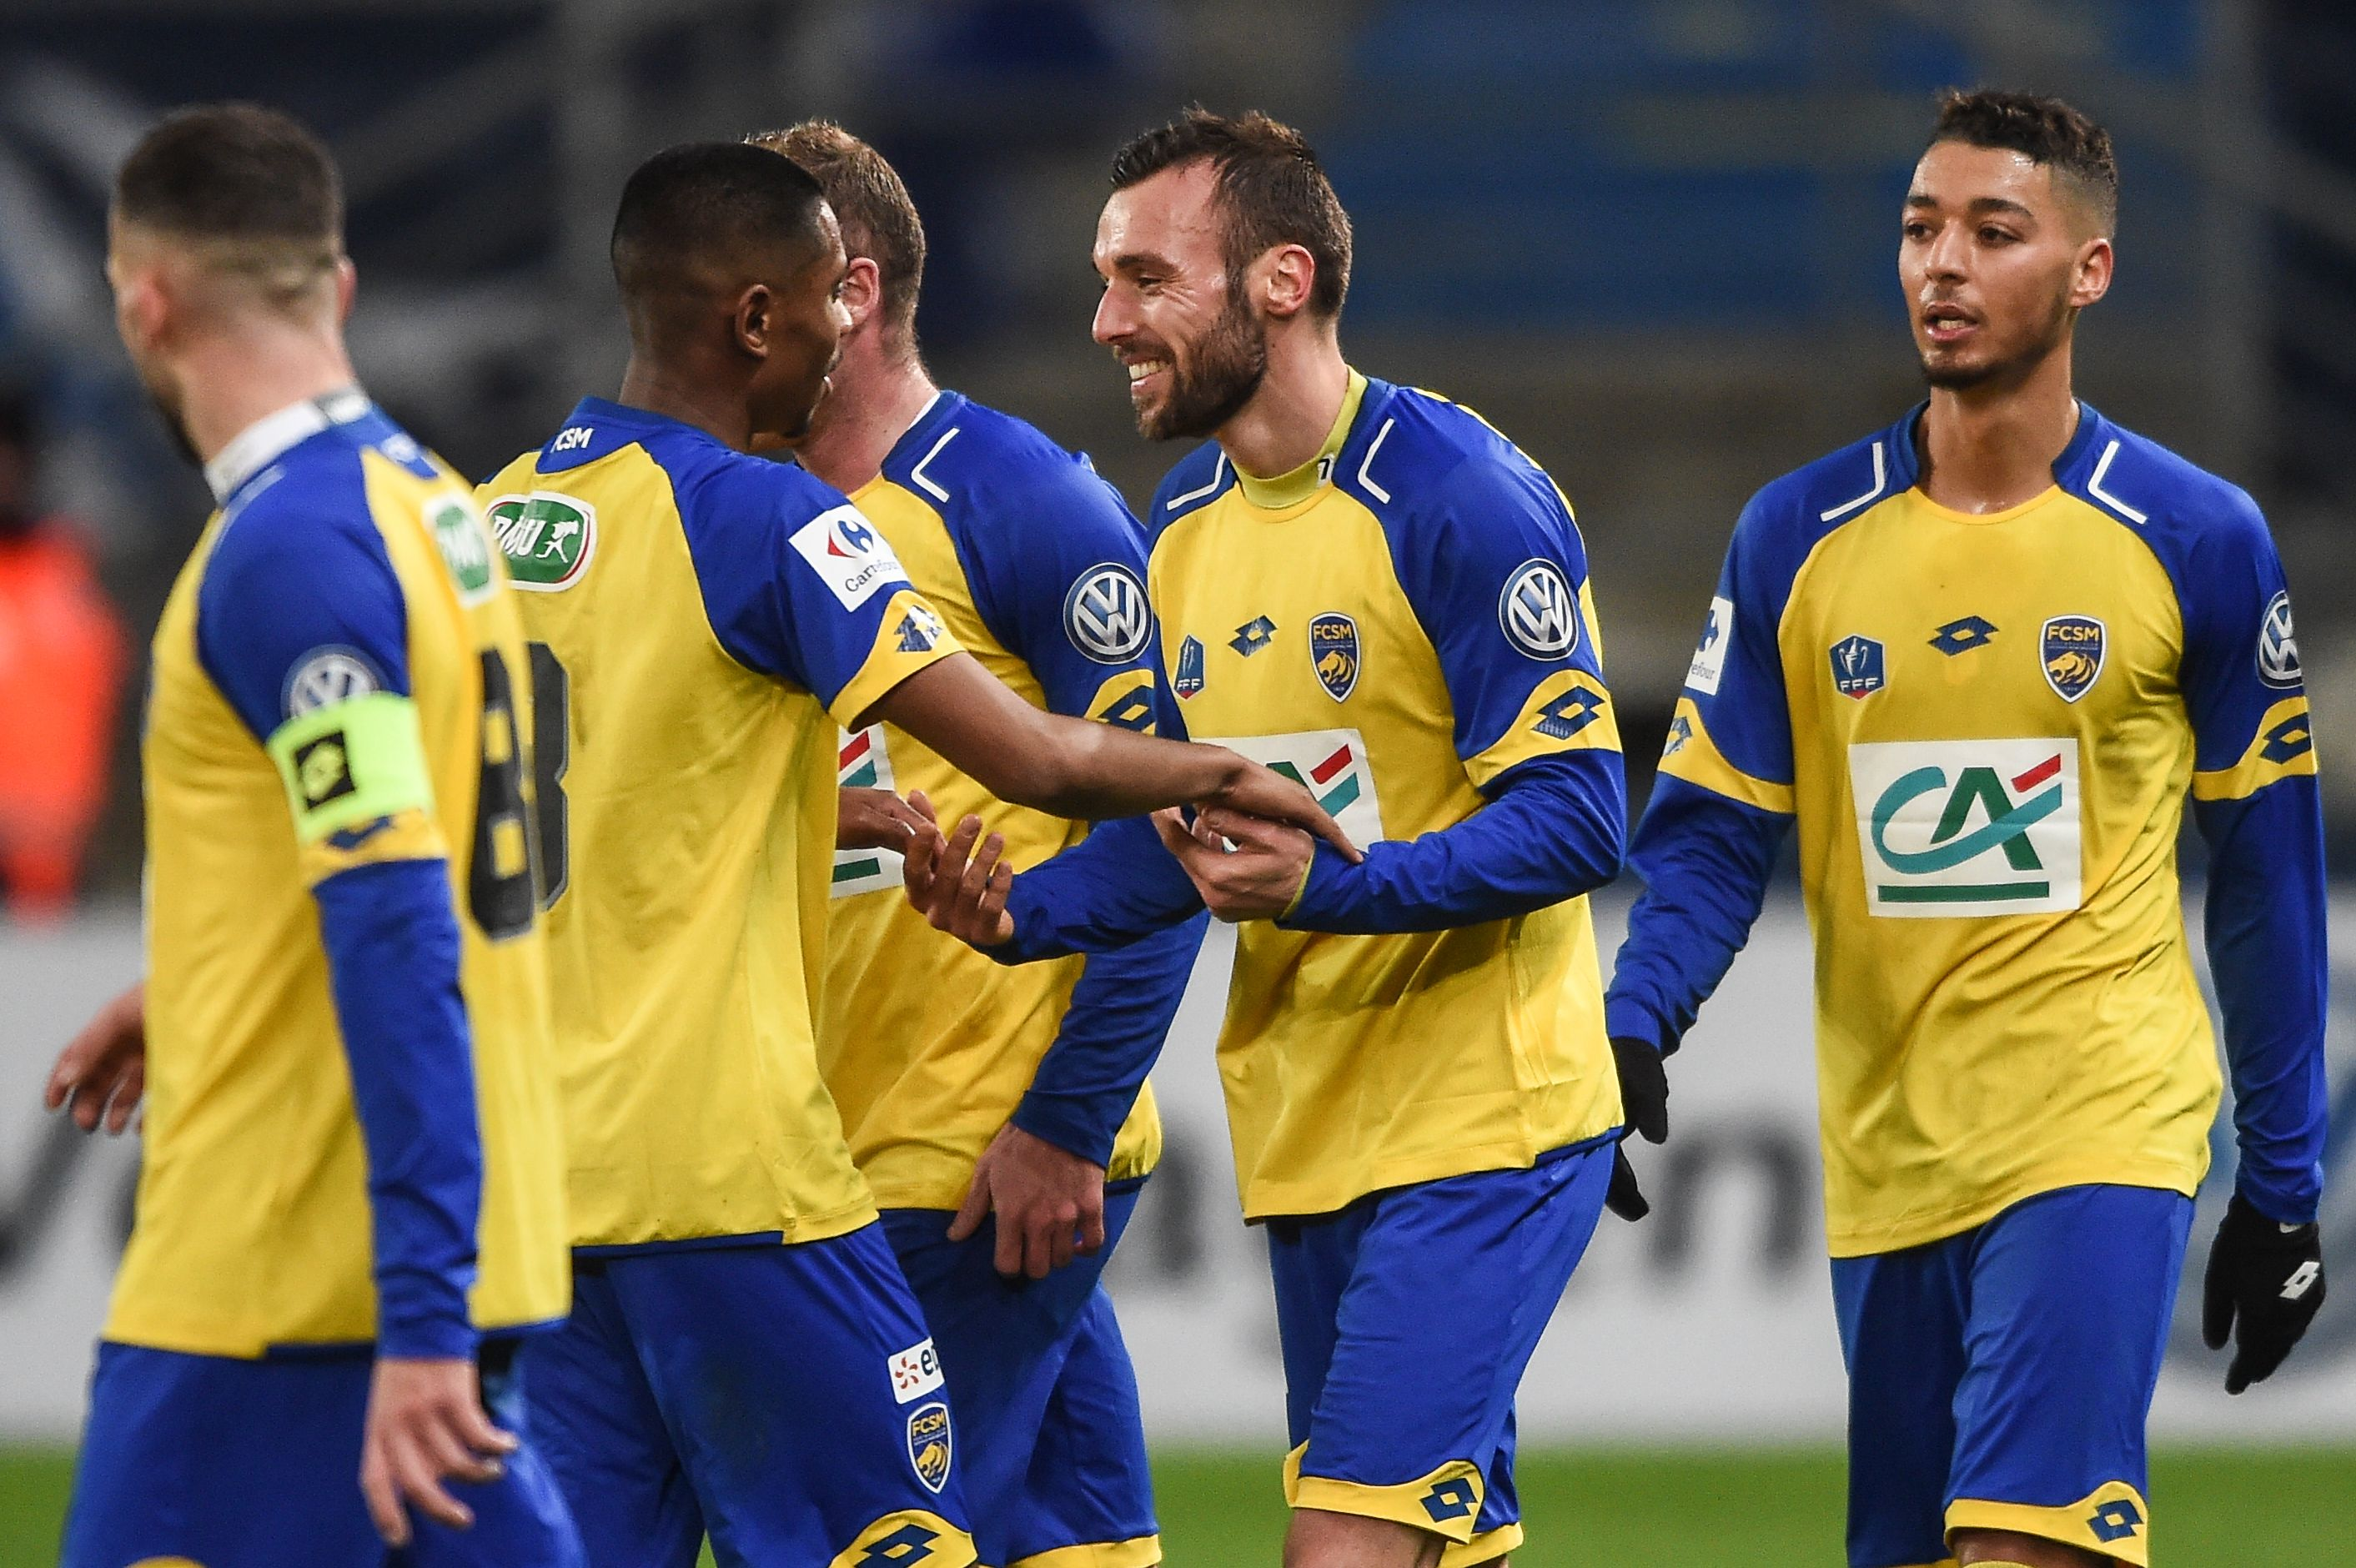 Coupe de france sochaux humilie amiens coupe de france - 32eme de finale coupe de france en direct ...